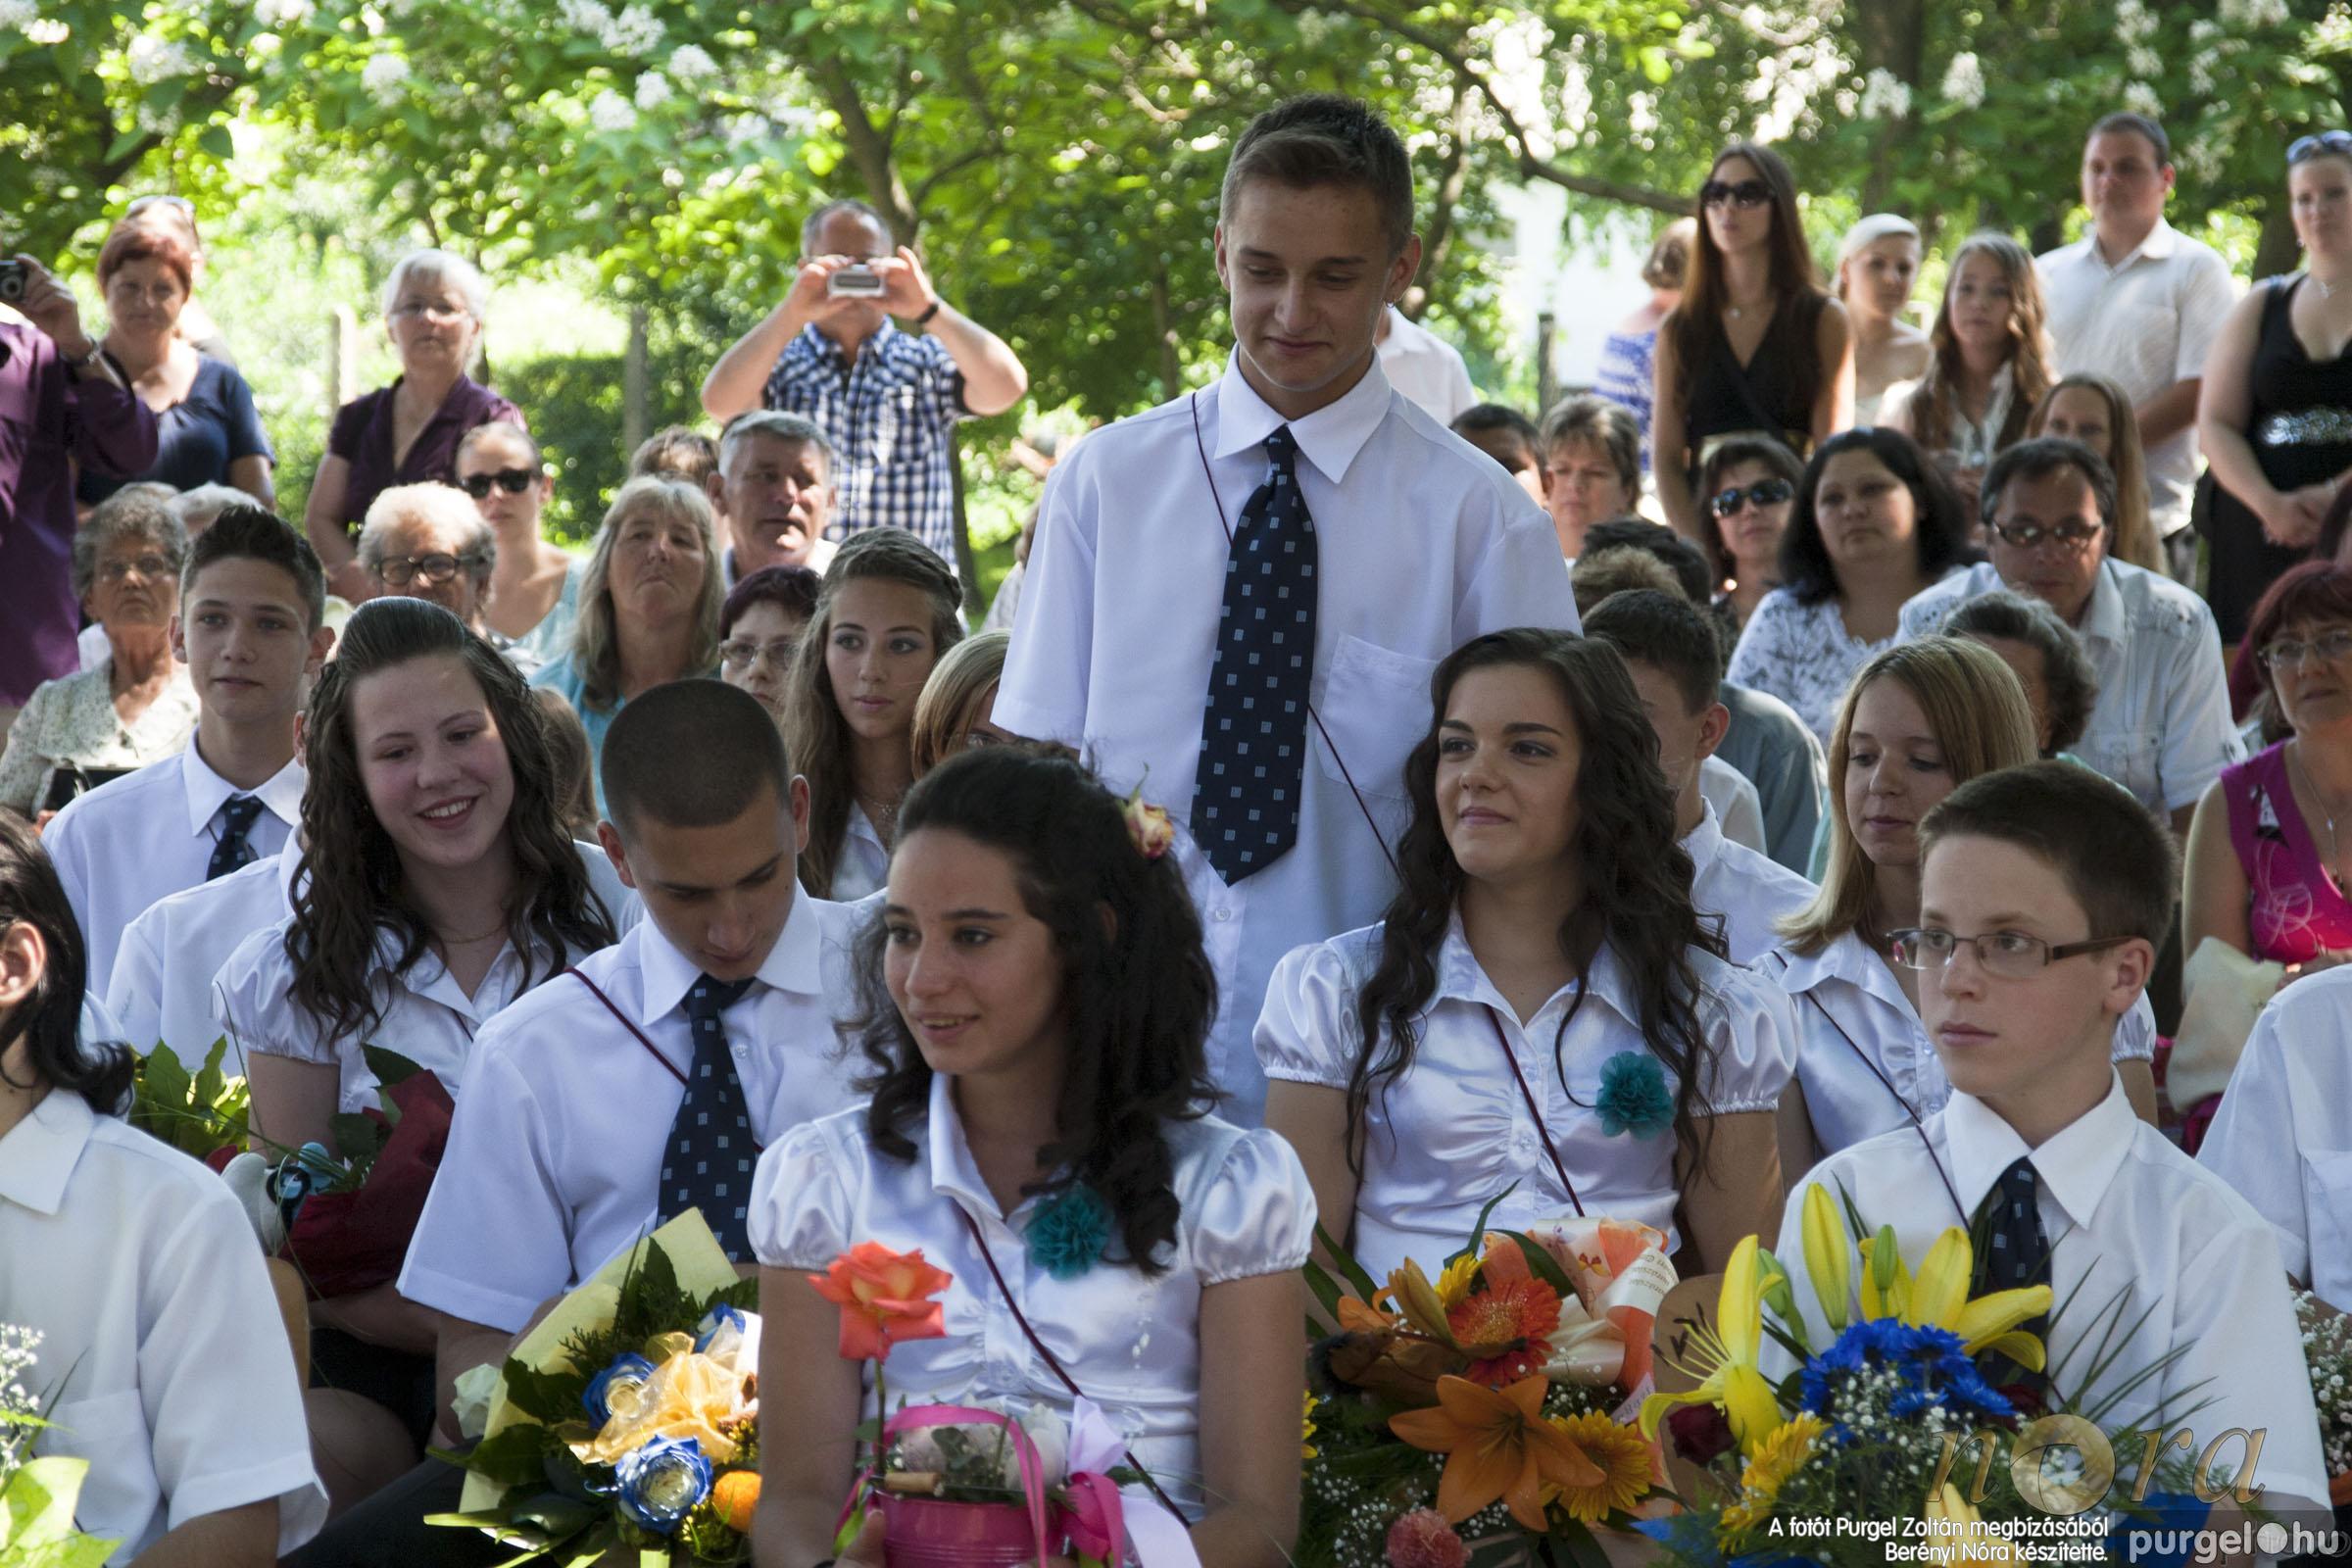 2013.06.15. 273 Forray Máté Általános Iskola ballagás 2013. - Fotó:BERÉNYI NÓRA© _MG_1353.JPG